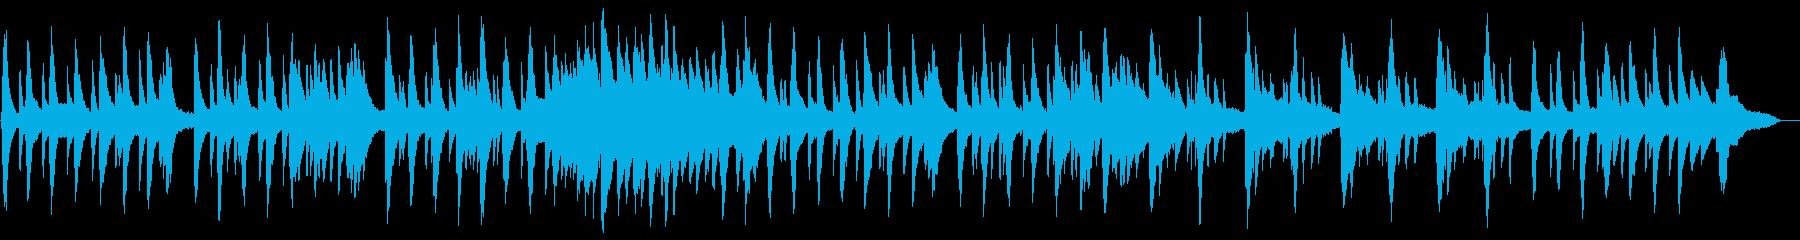 映像・ナレーション用ピアノ演奏(帰り道)の再生済みの波形